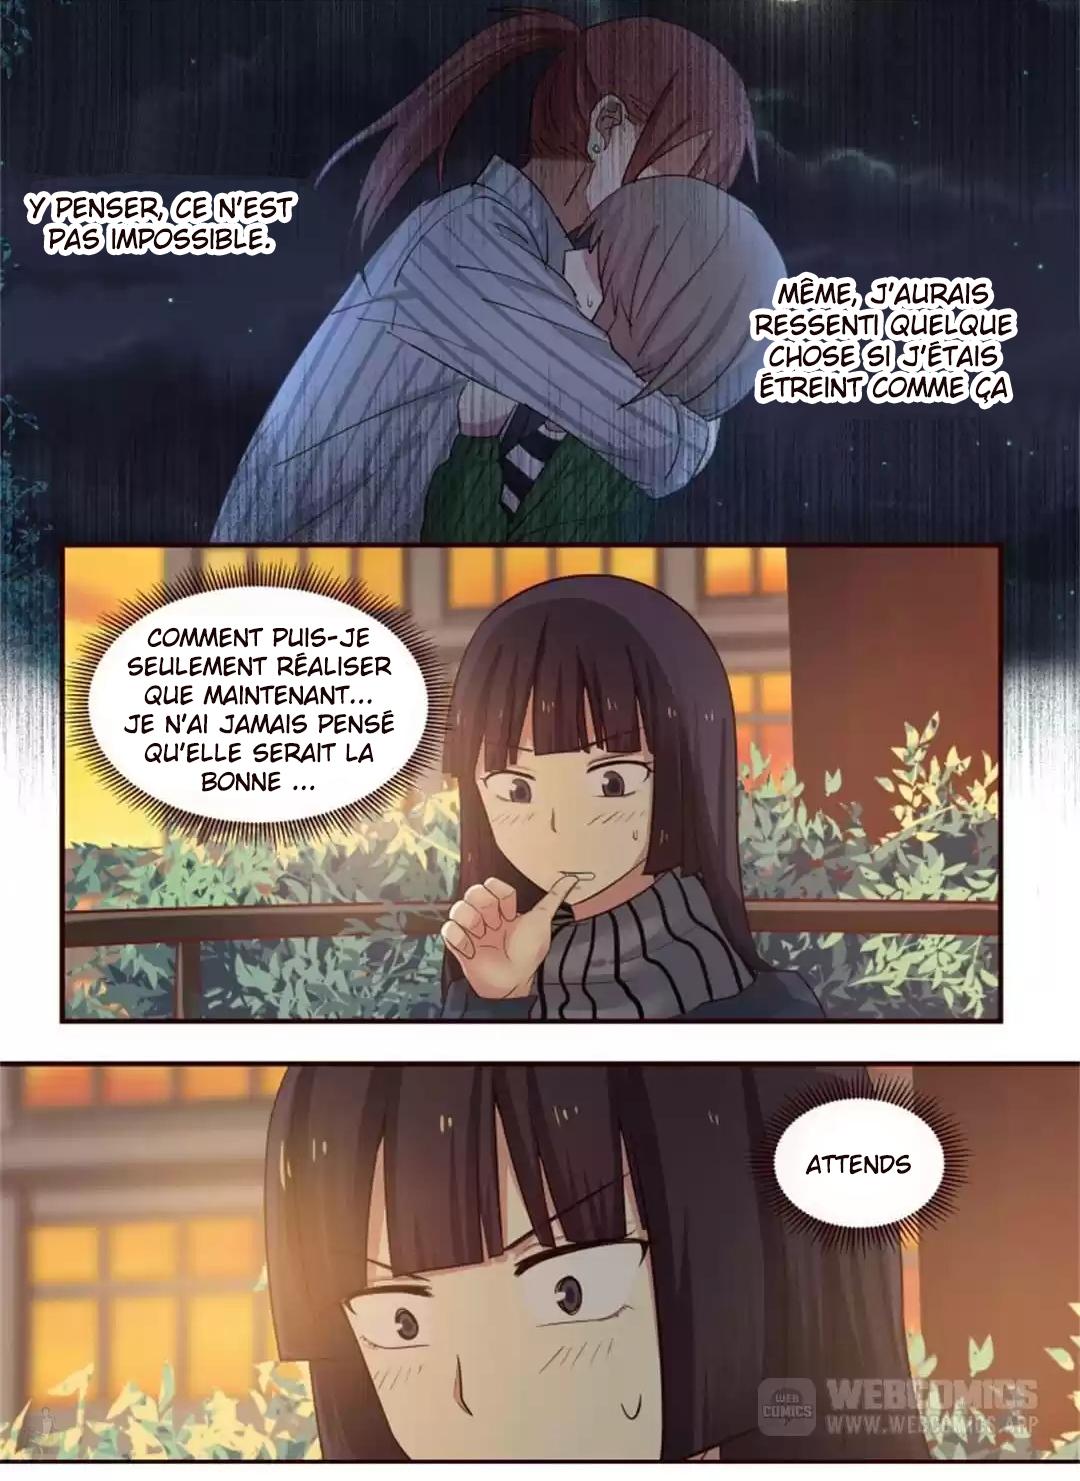 Lily saison 1 212 05